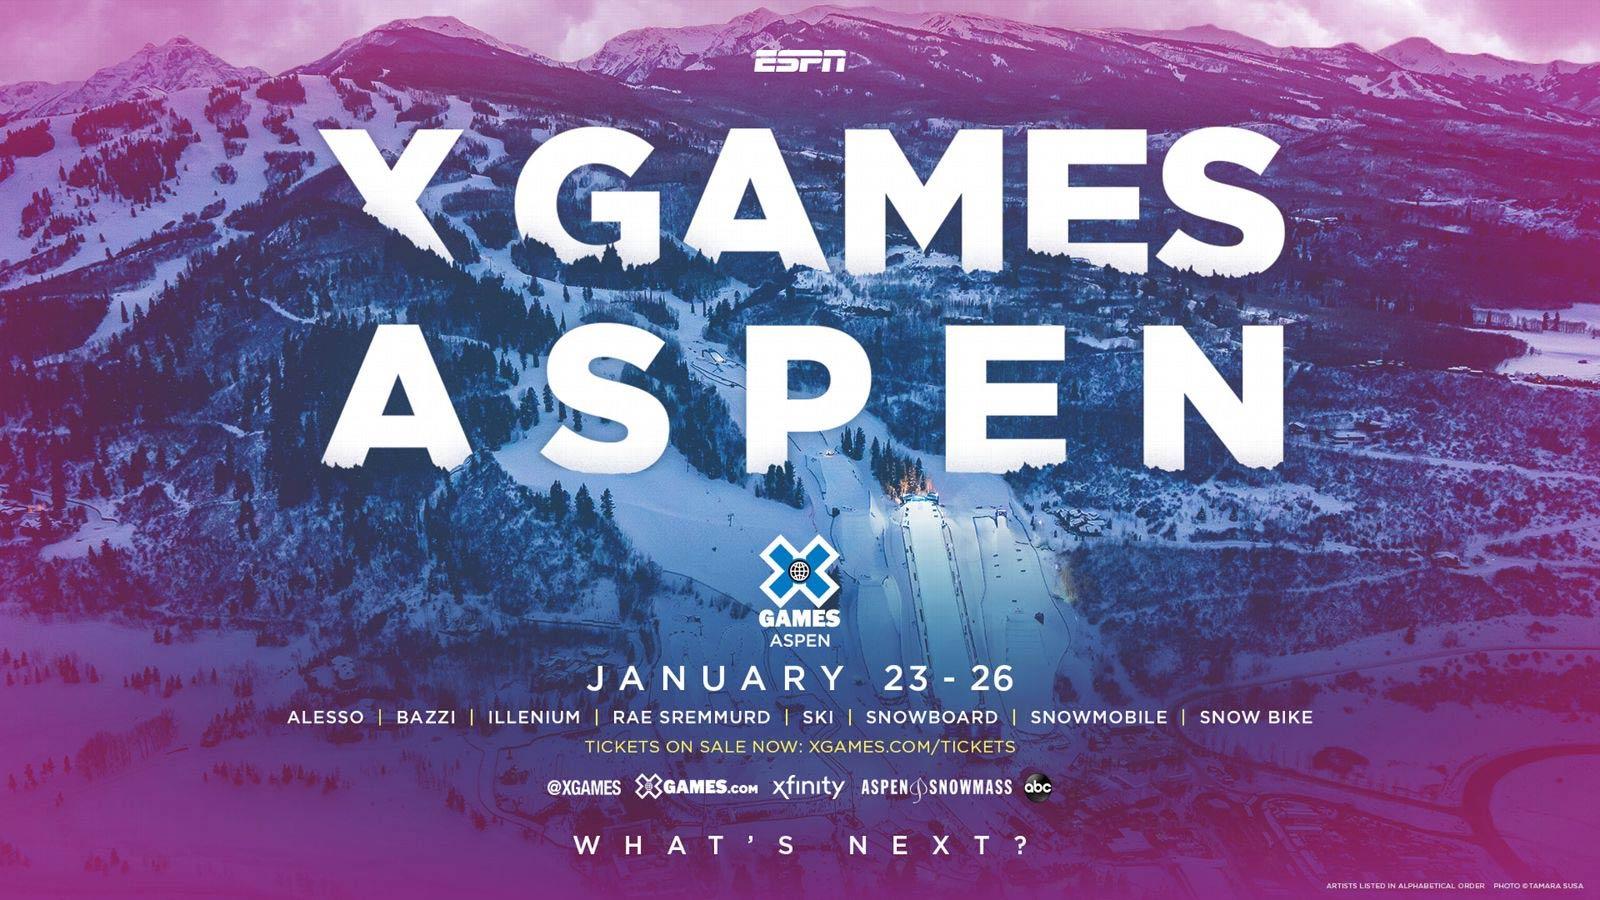 Winter X Games Aspen 2020 @ Aspen, Colorado